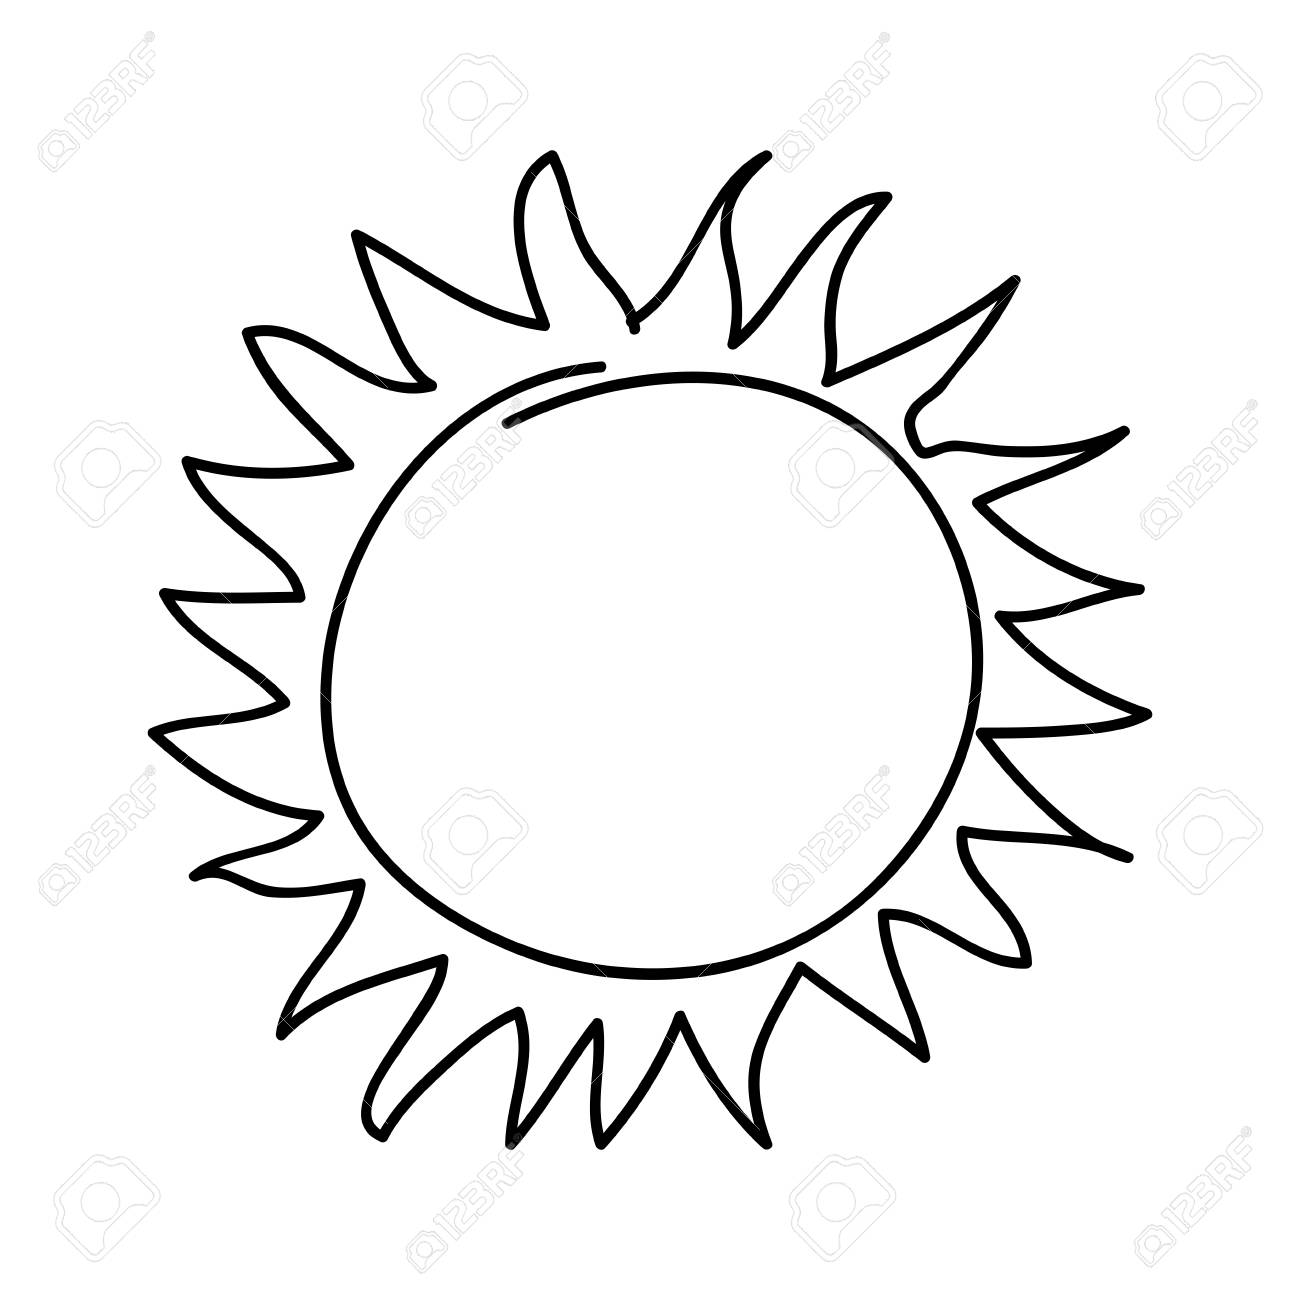 sol de verano dibujo icono vector ilustración diseño